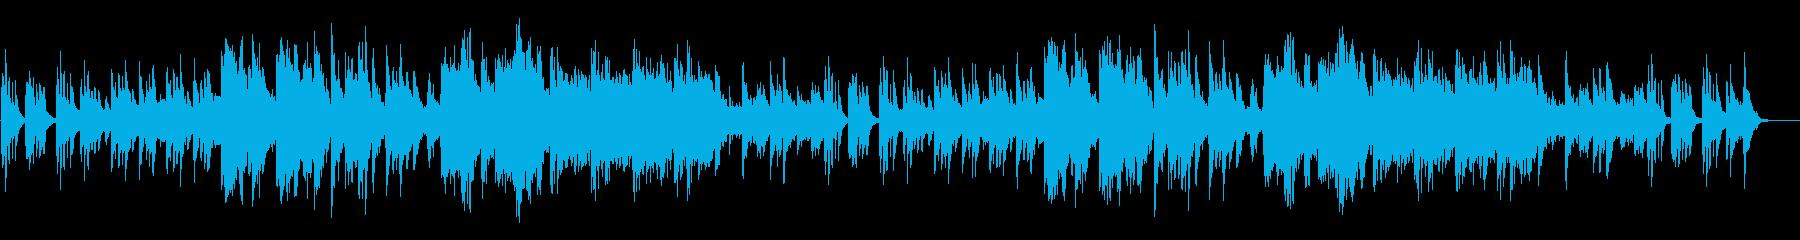 和風、神秘的な琴が感動を誘うBGMの再生済みの波形